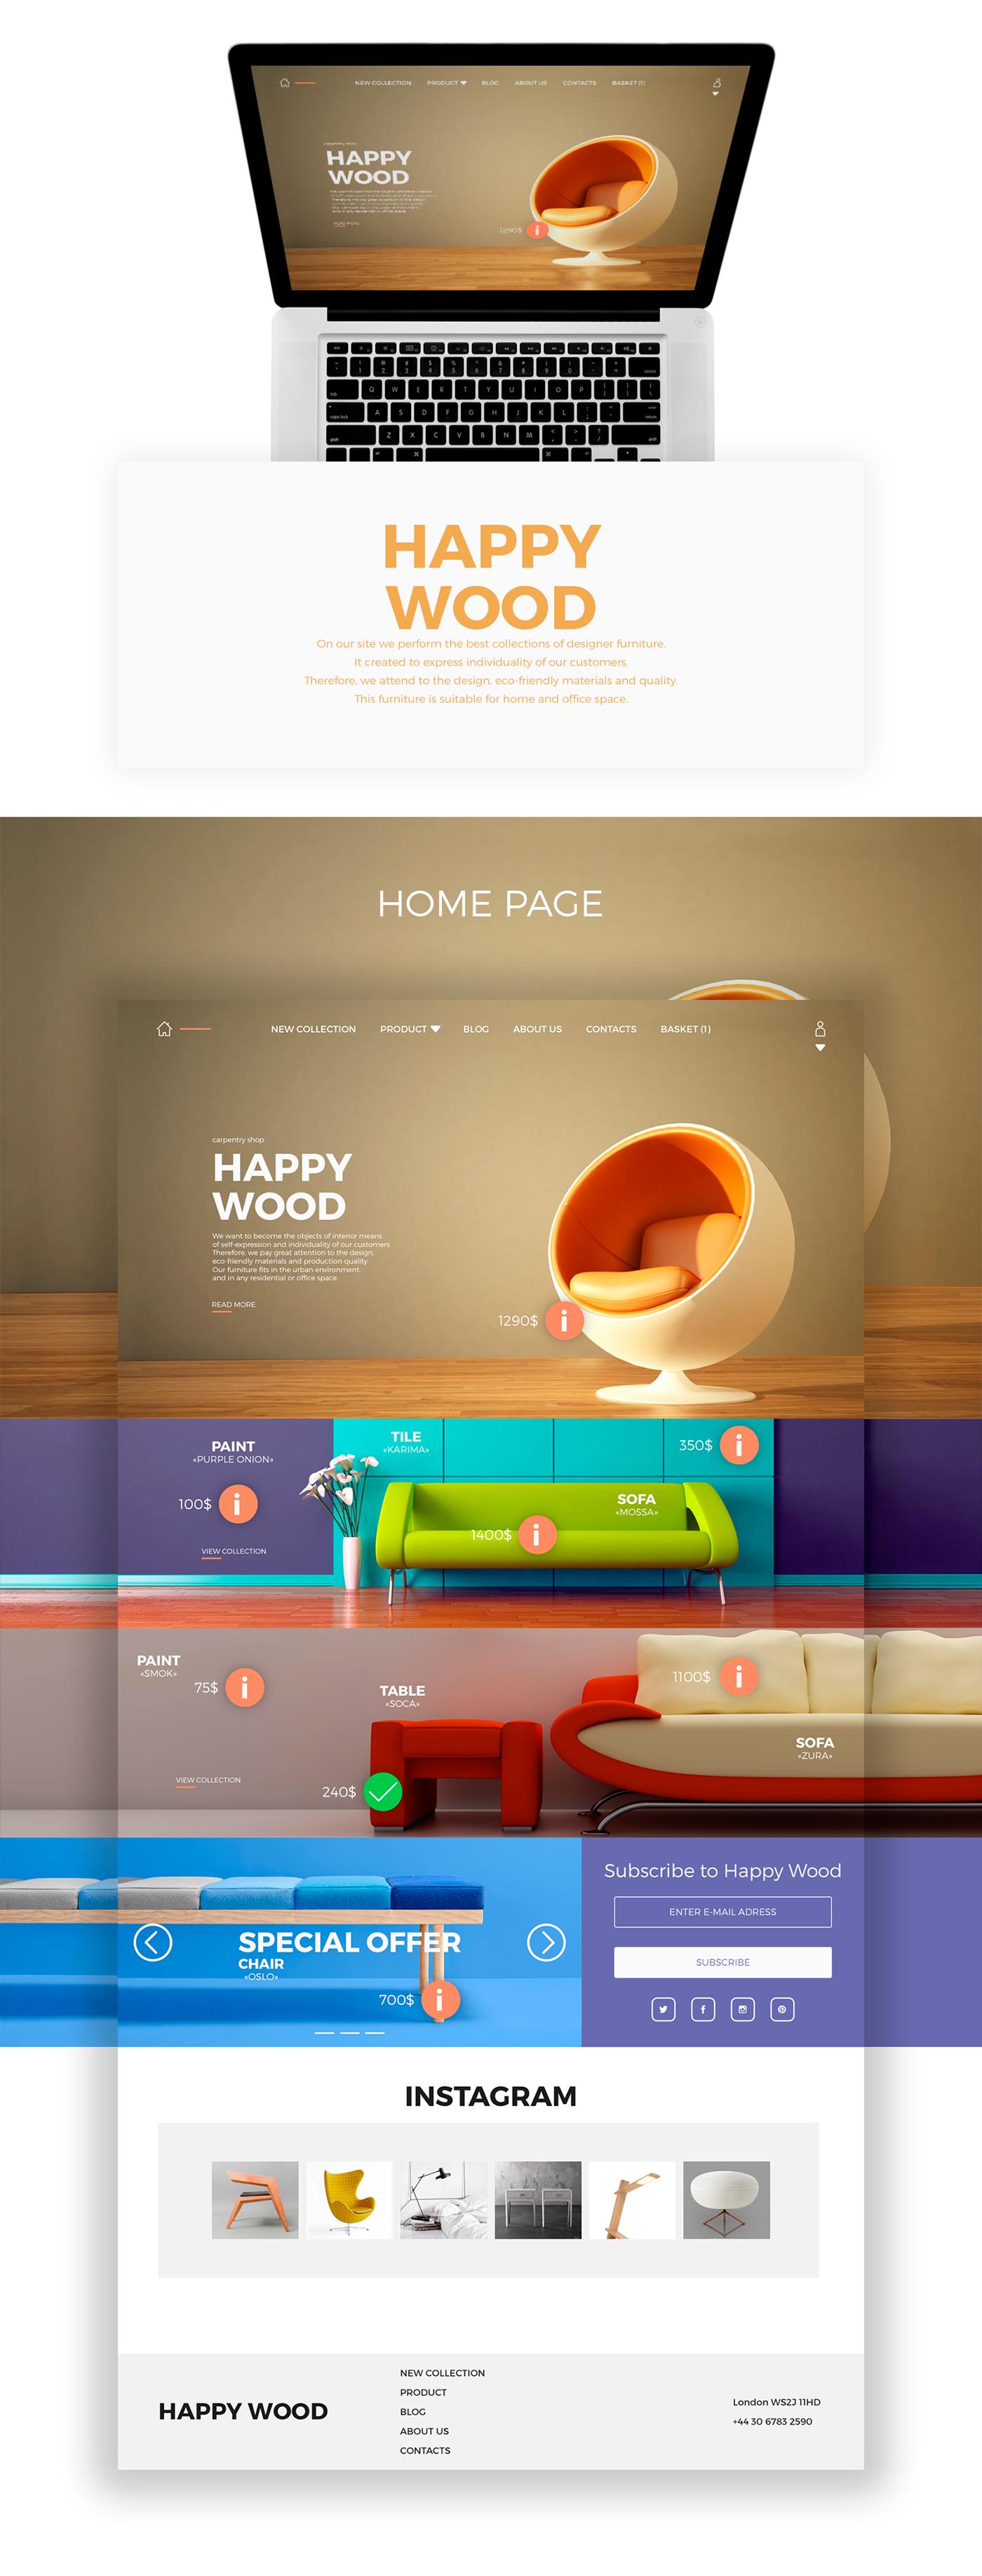 «HAPPY WOOD»在线电商平台设计